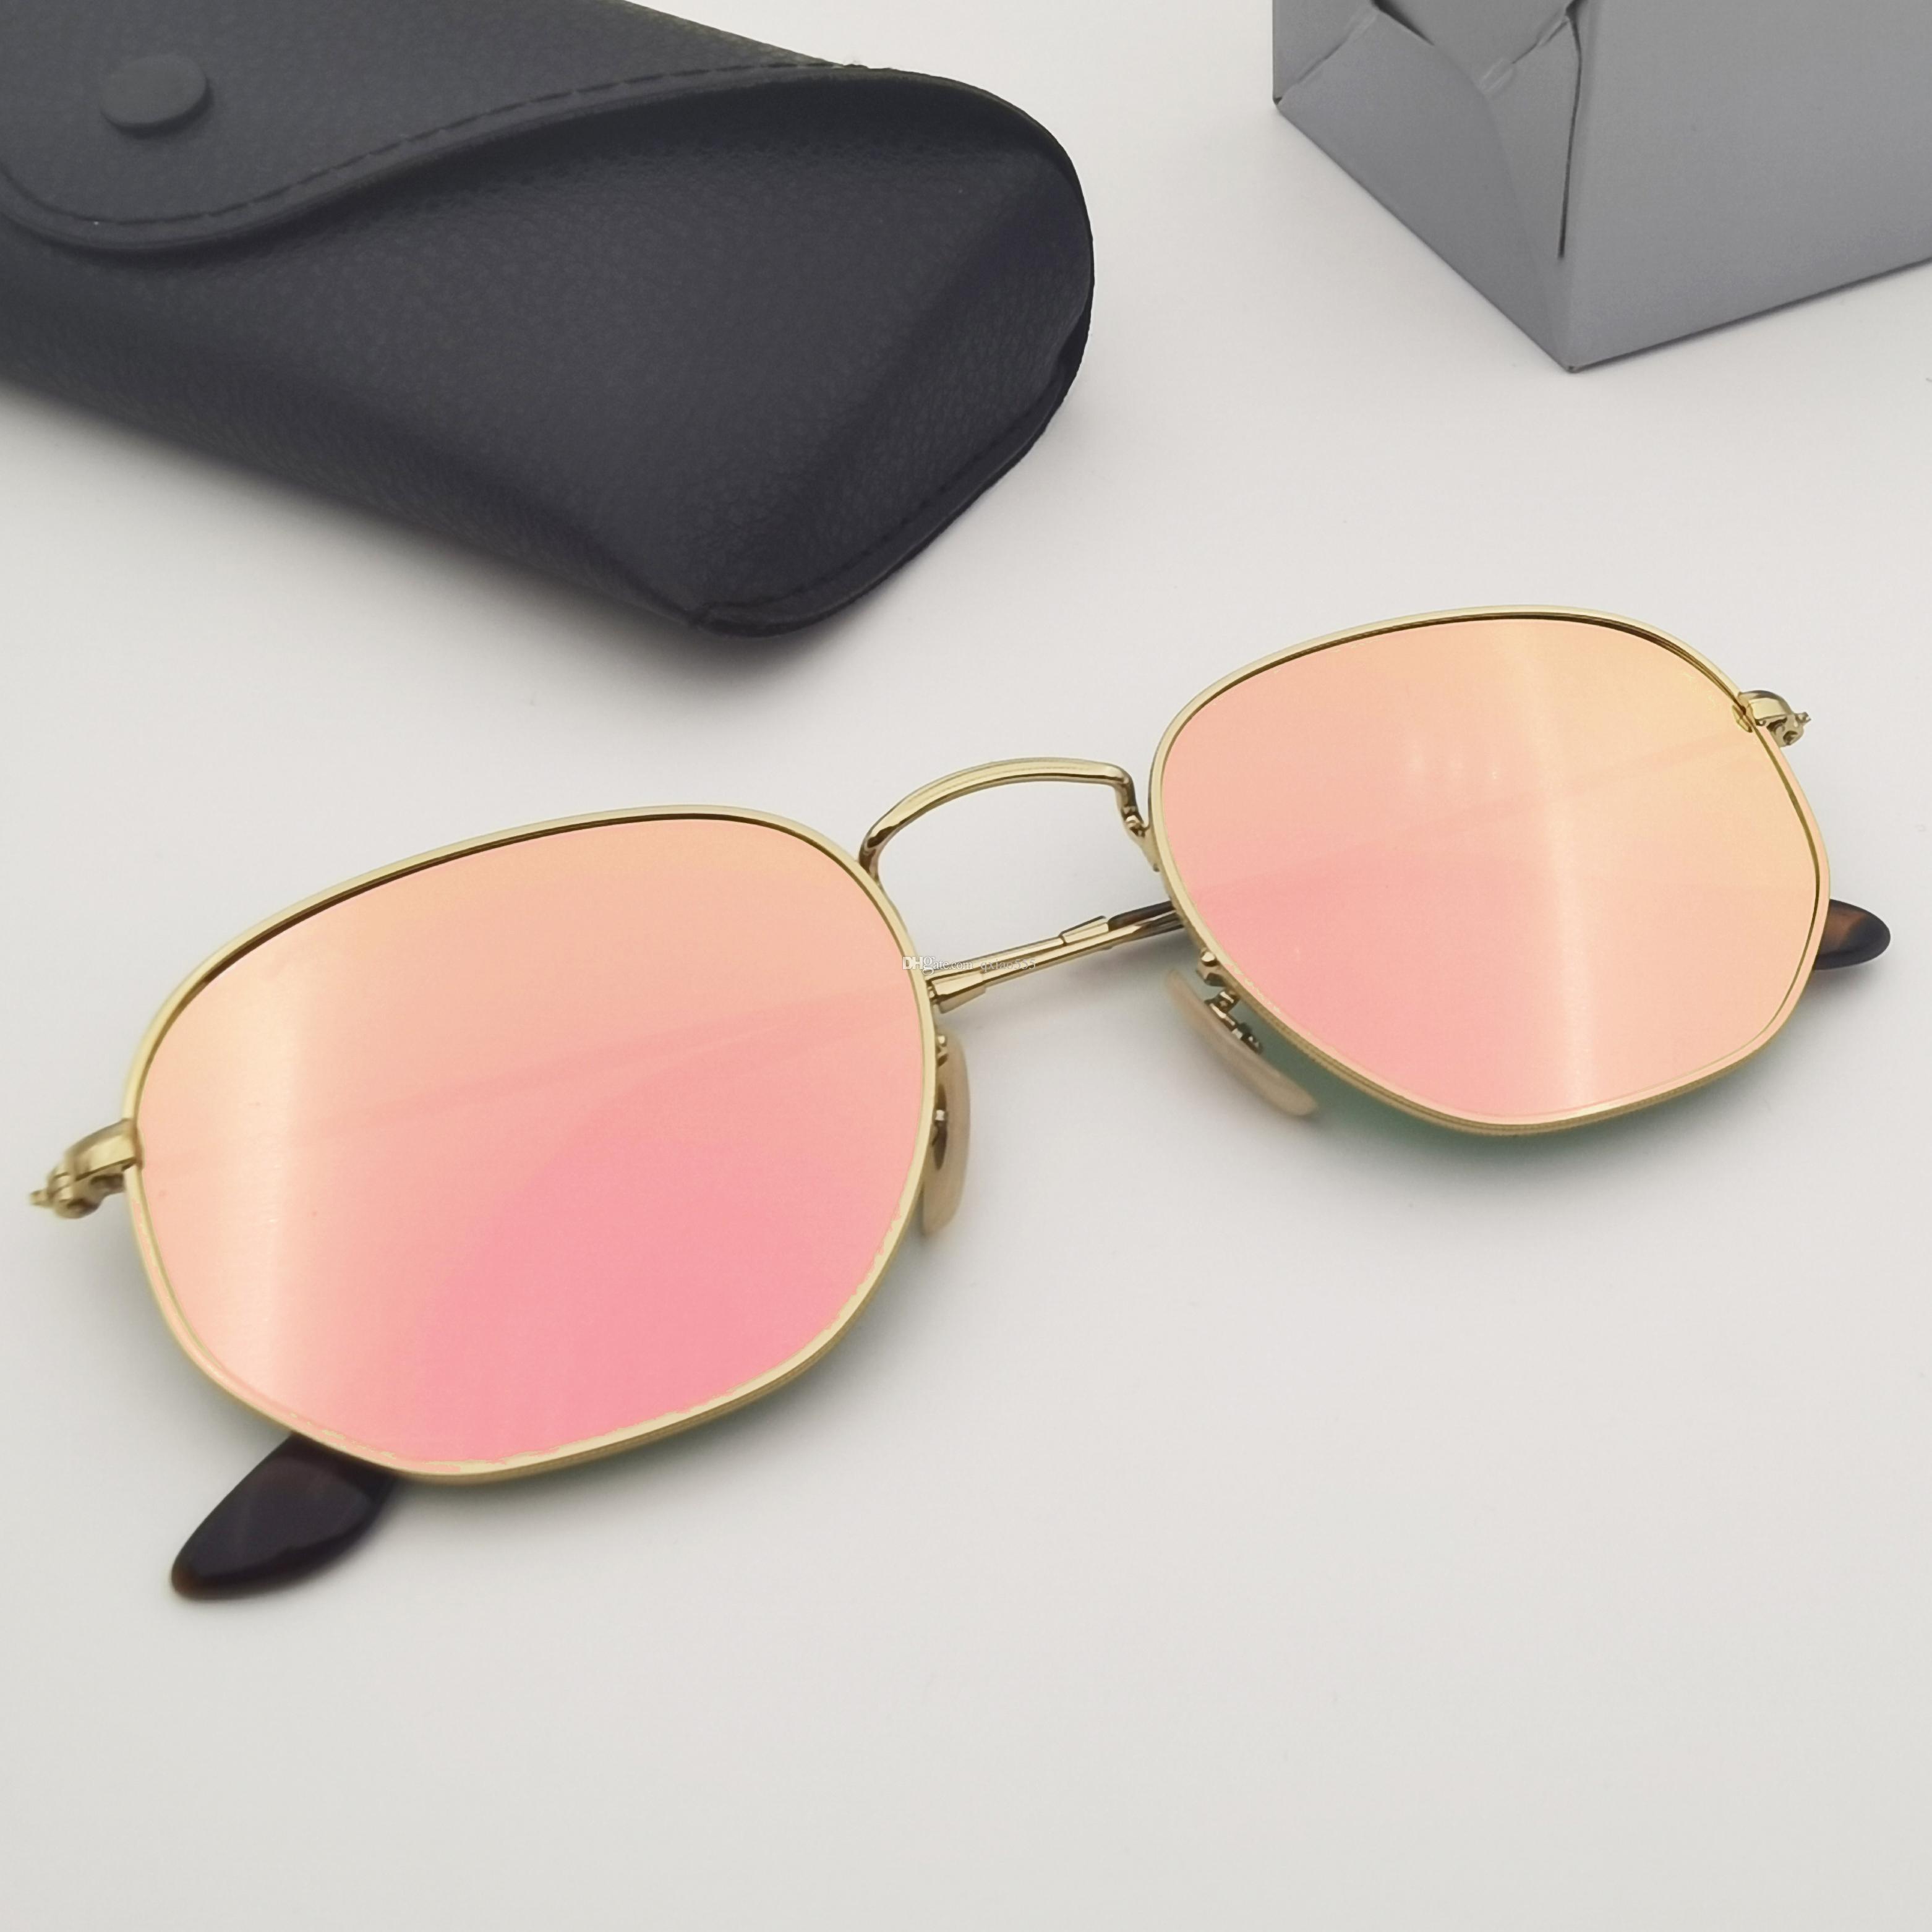 Üst Kadın Tasarımcı Marka Durumda Kadın Gerçek Cam Güneş Gözlüğü Altıgen Adam Güneş Gözlüğü Erkek Lensler Kalite G15 Ile Deri Metal Riowg